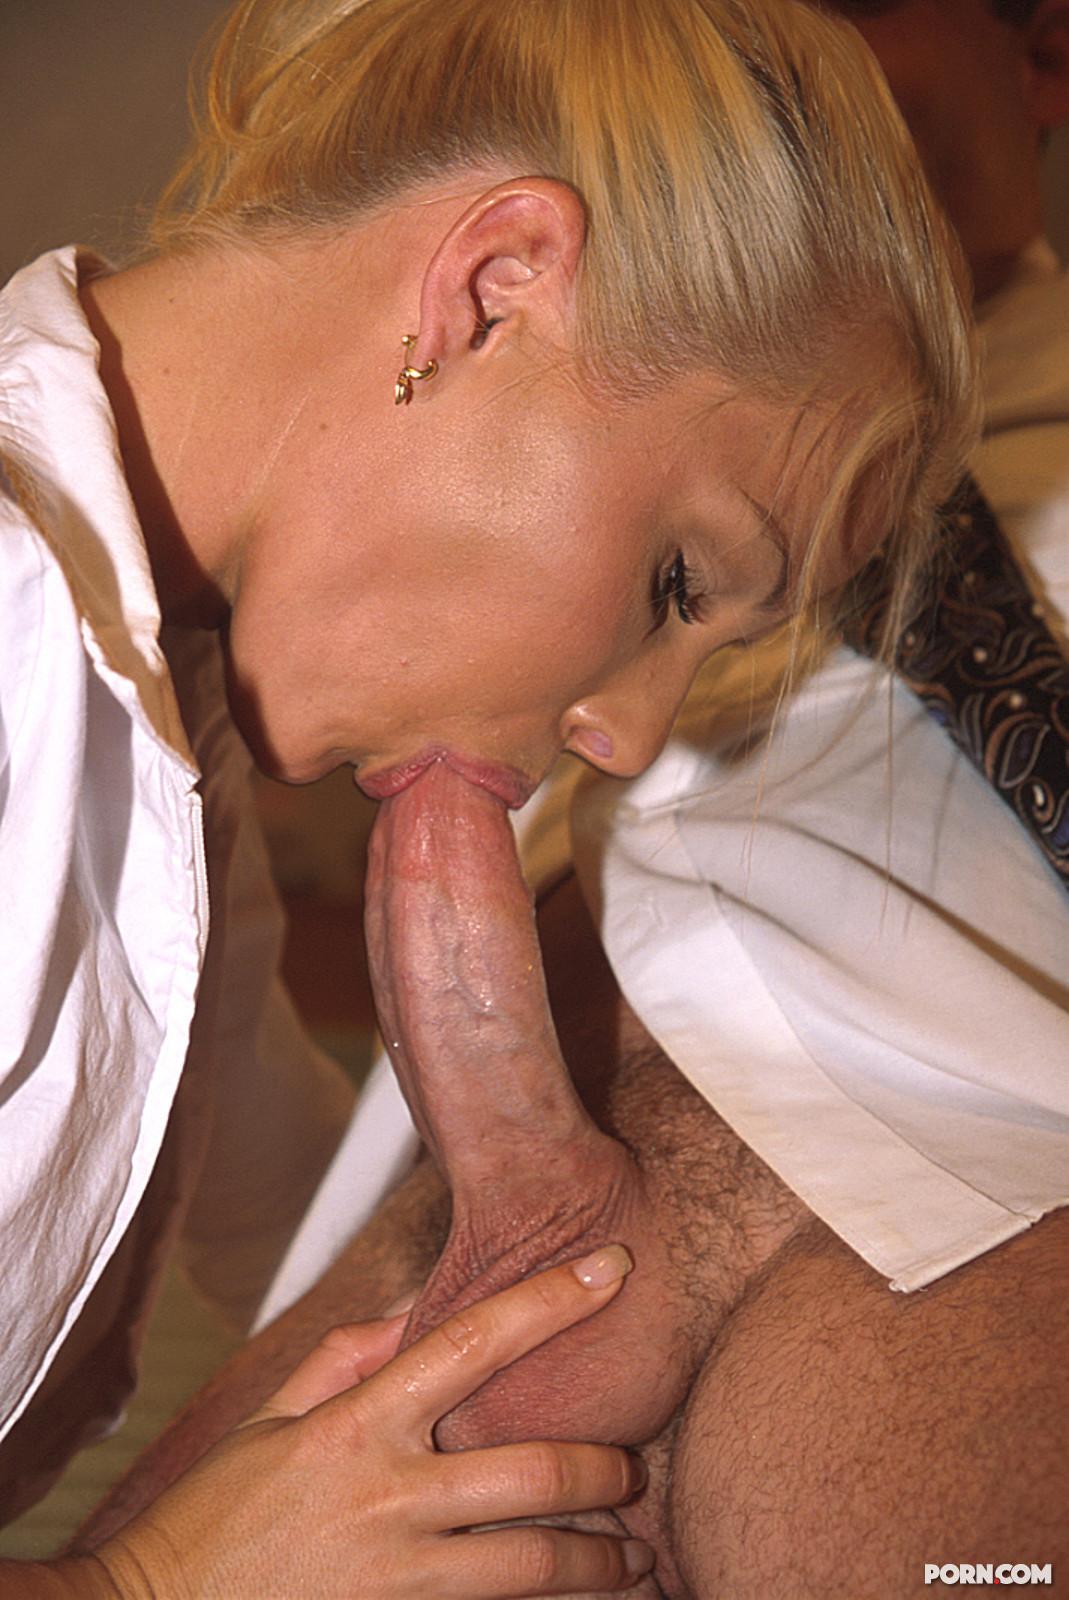 Секс с приемной дочерью 27 фотография